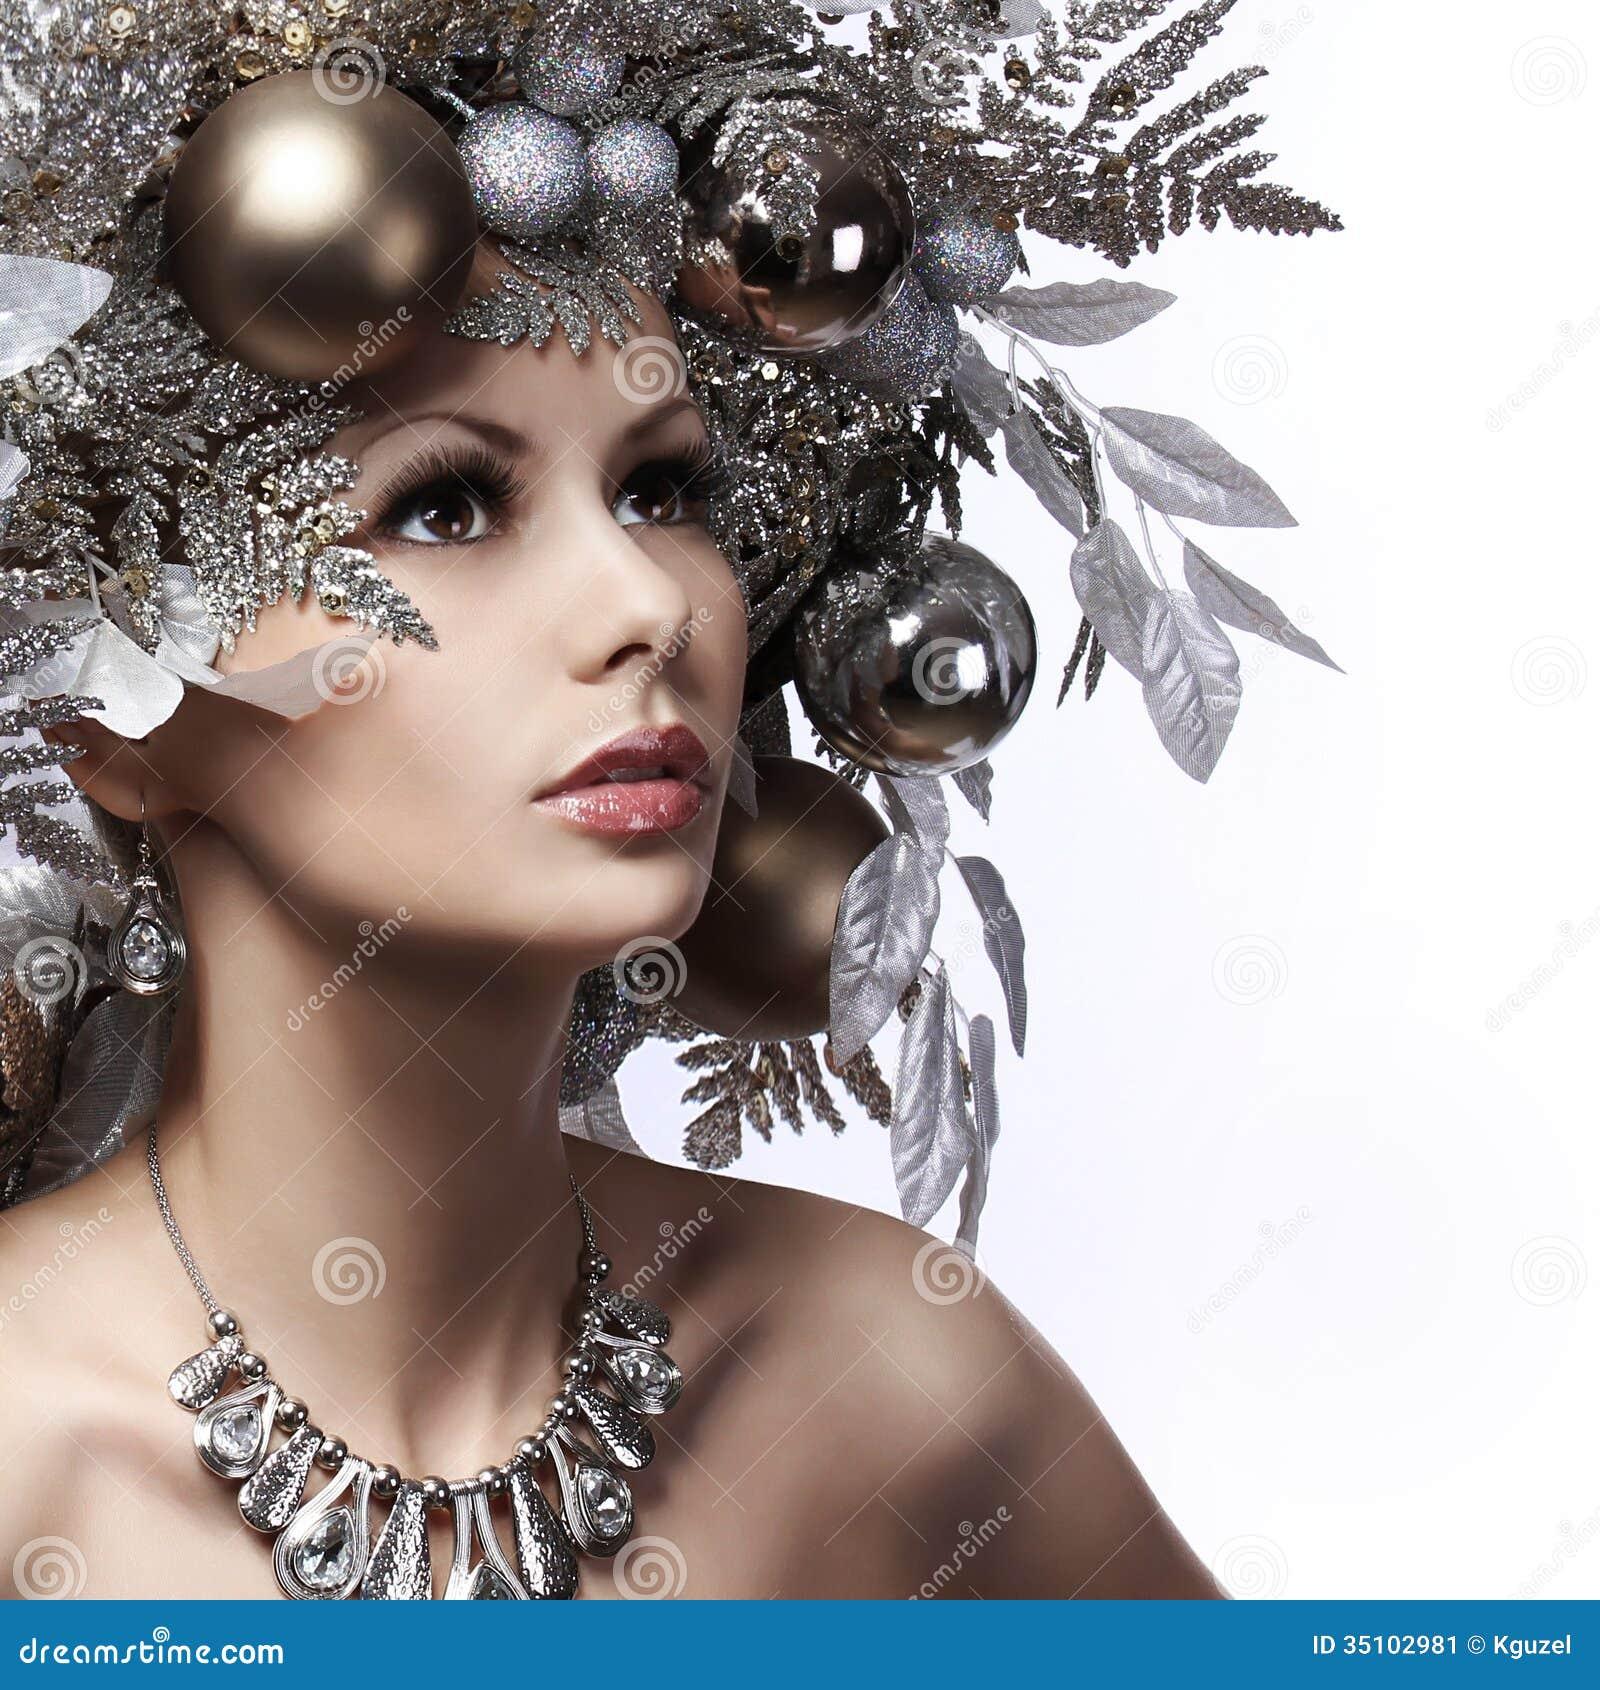 La Fille De Mode De Noel Avec La Nouvelle Annee A Decore La Coiffure